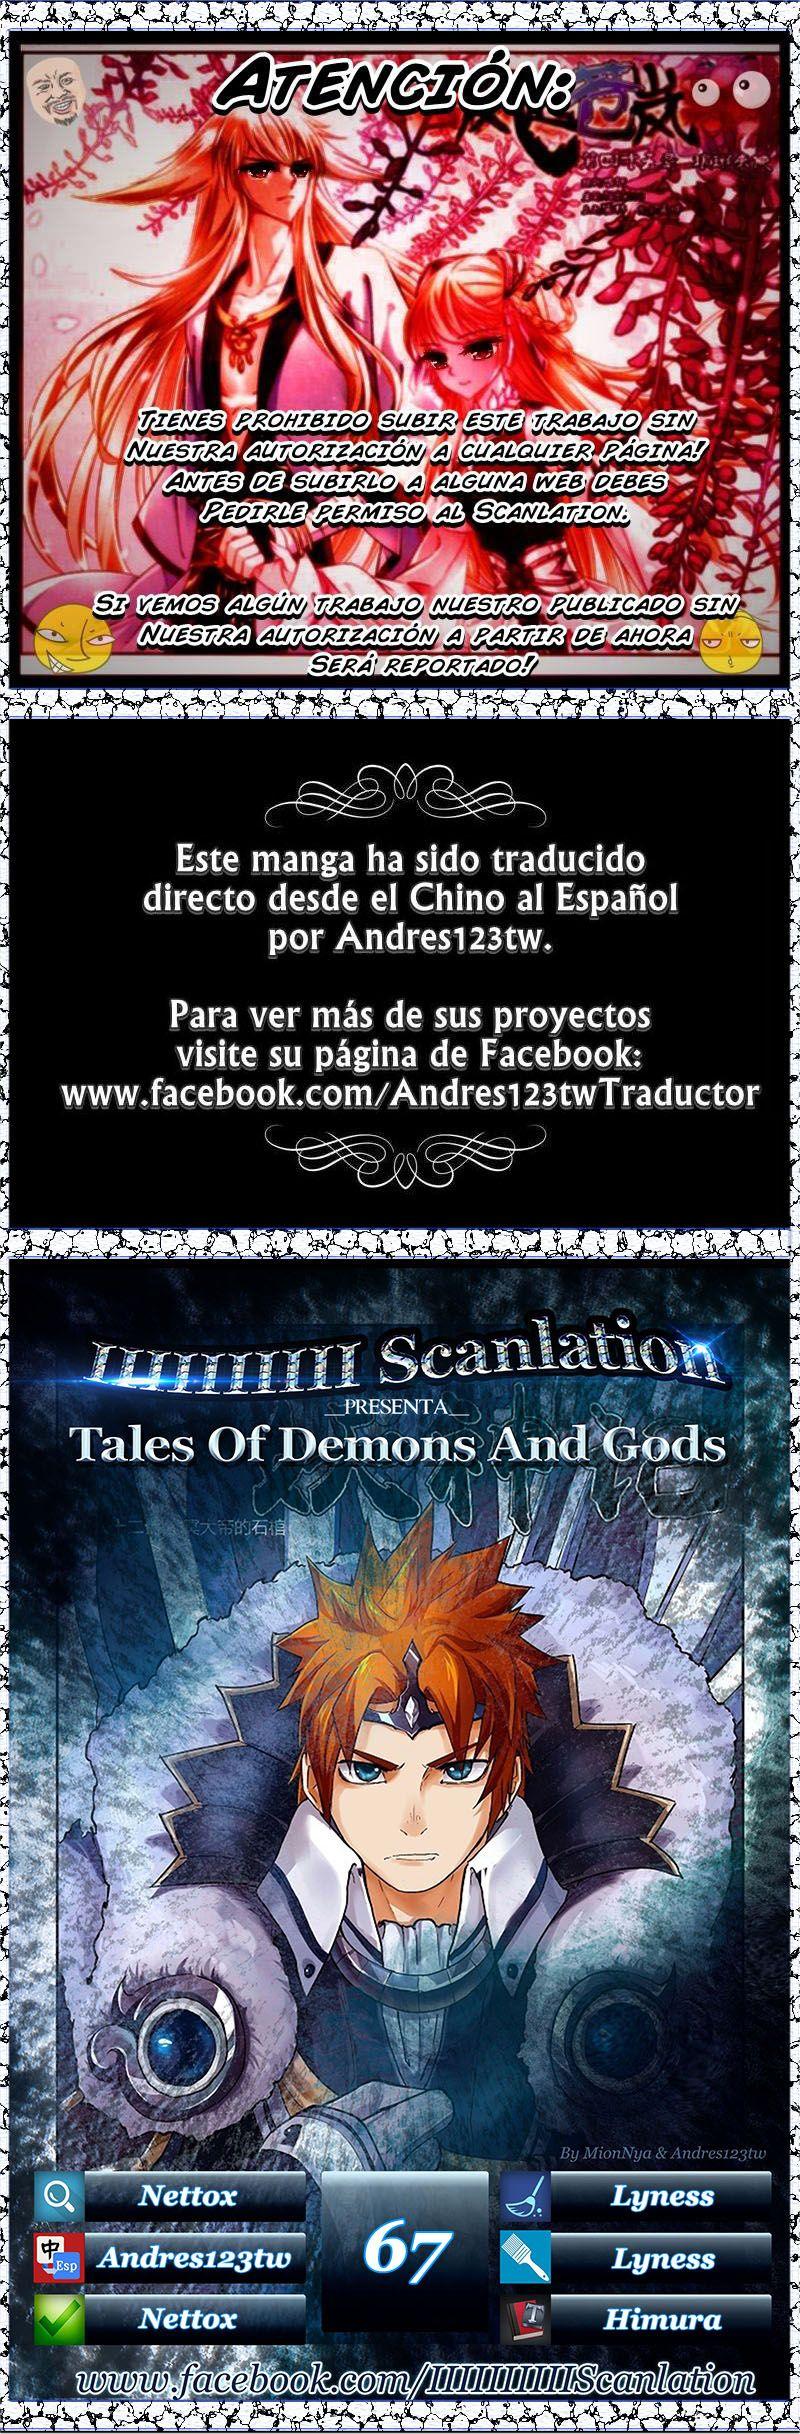 http://c5.ninemanga.com/es_manga/7/17735/452843/b2d2cf77d3f2786ea457f6631a67dd04.jpg Page 1